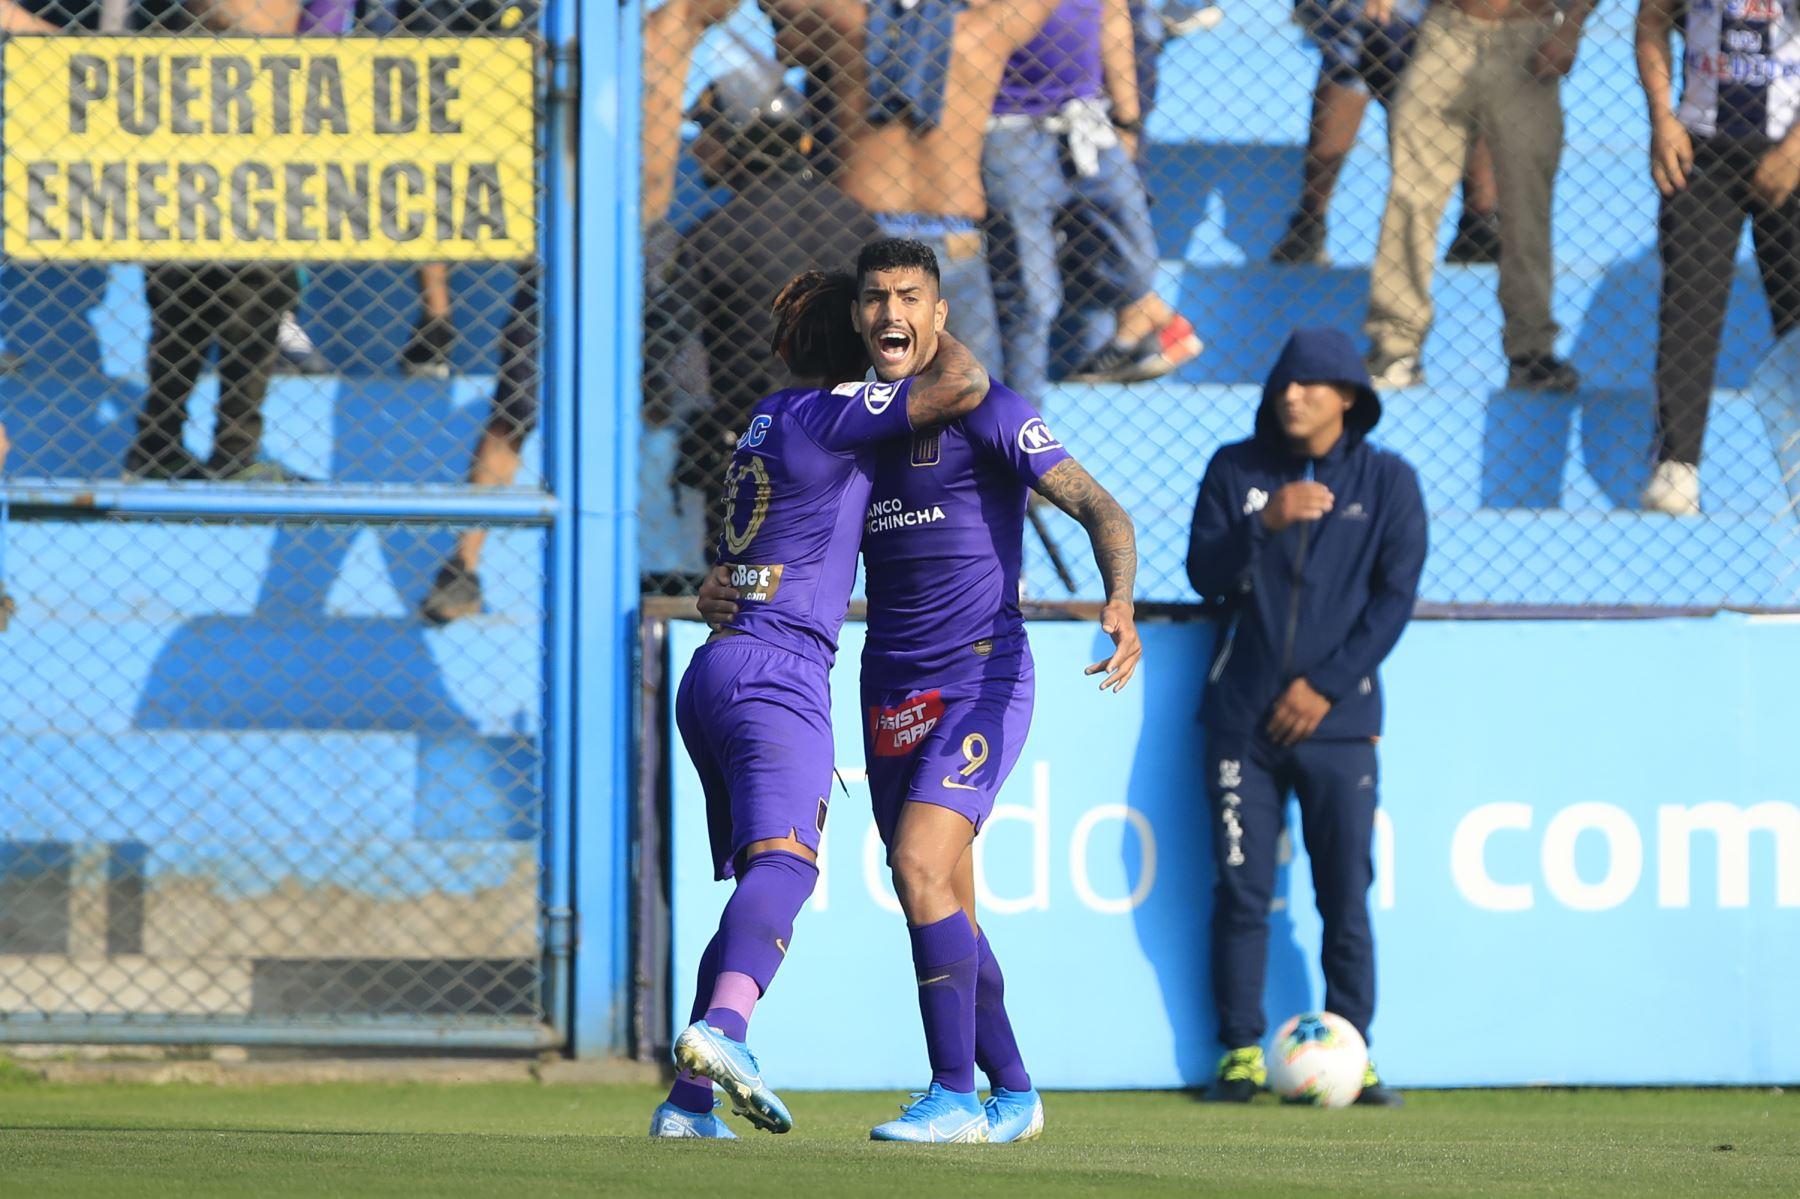 Celebración de Adrián Balboa de Alianza Lima luego de anotar un gol durante el partido contra San Martín jugado en el estadio Alberto Gallardo.          Foto: Andina/Juan Carlos Guzmán Negrini